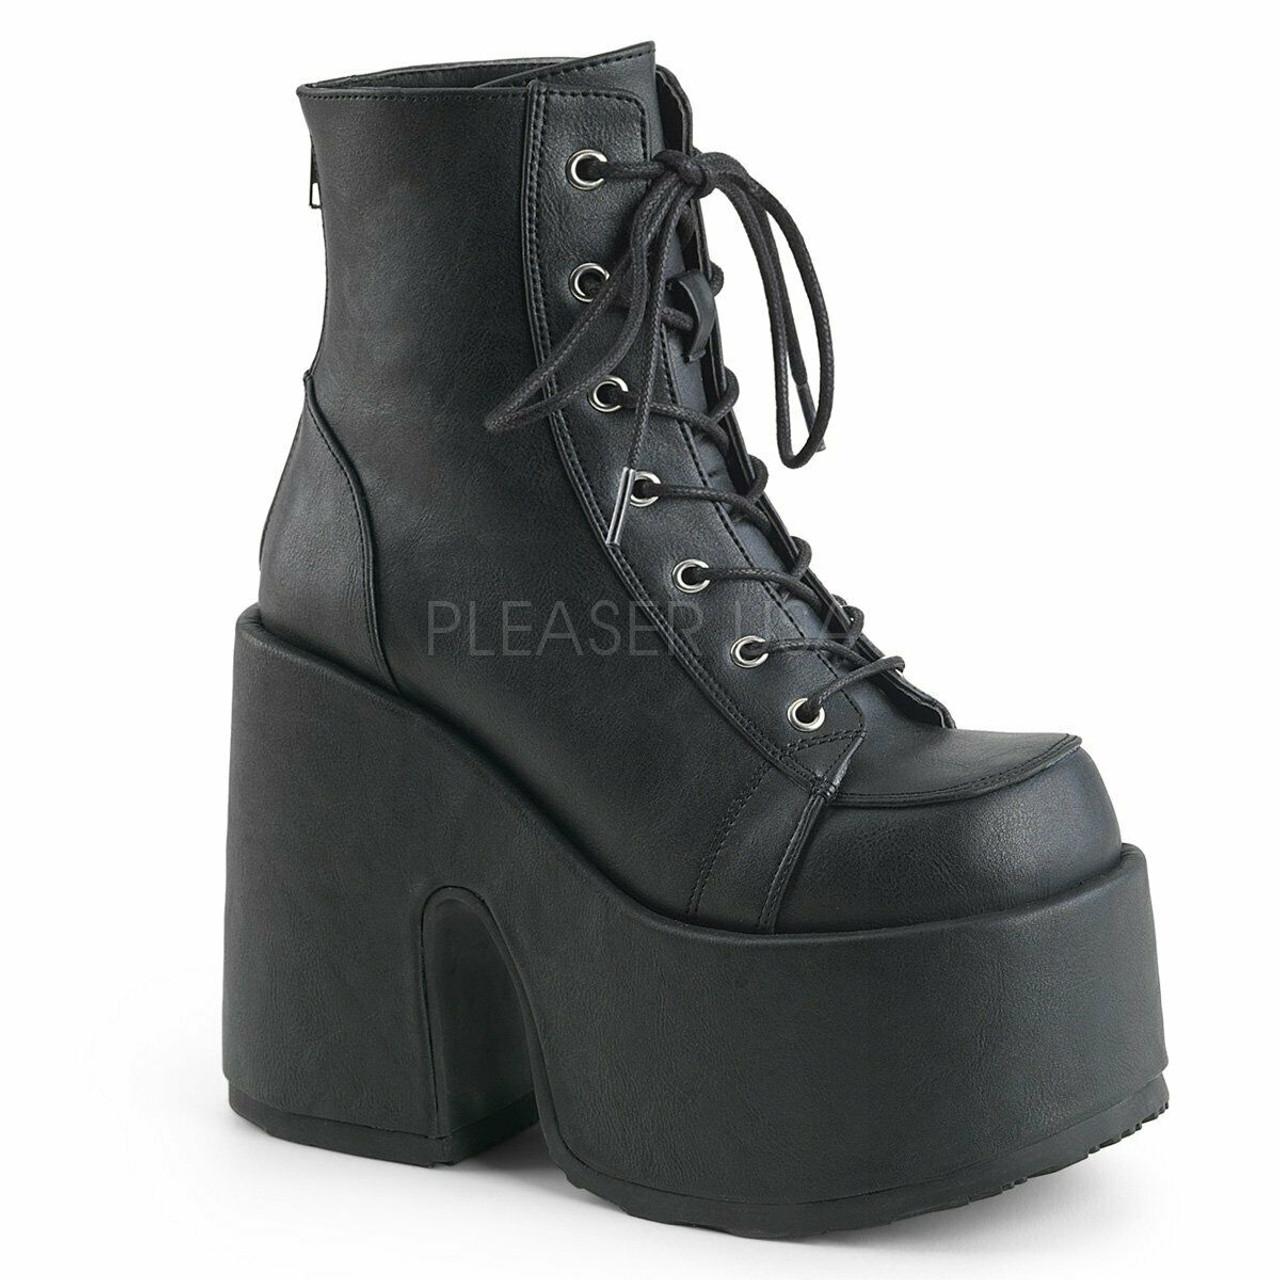 Black punk rock emo goth combat zip heel boot shoe